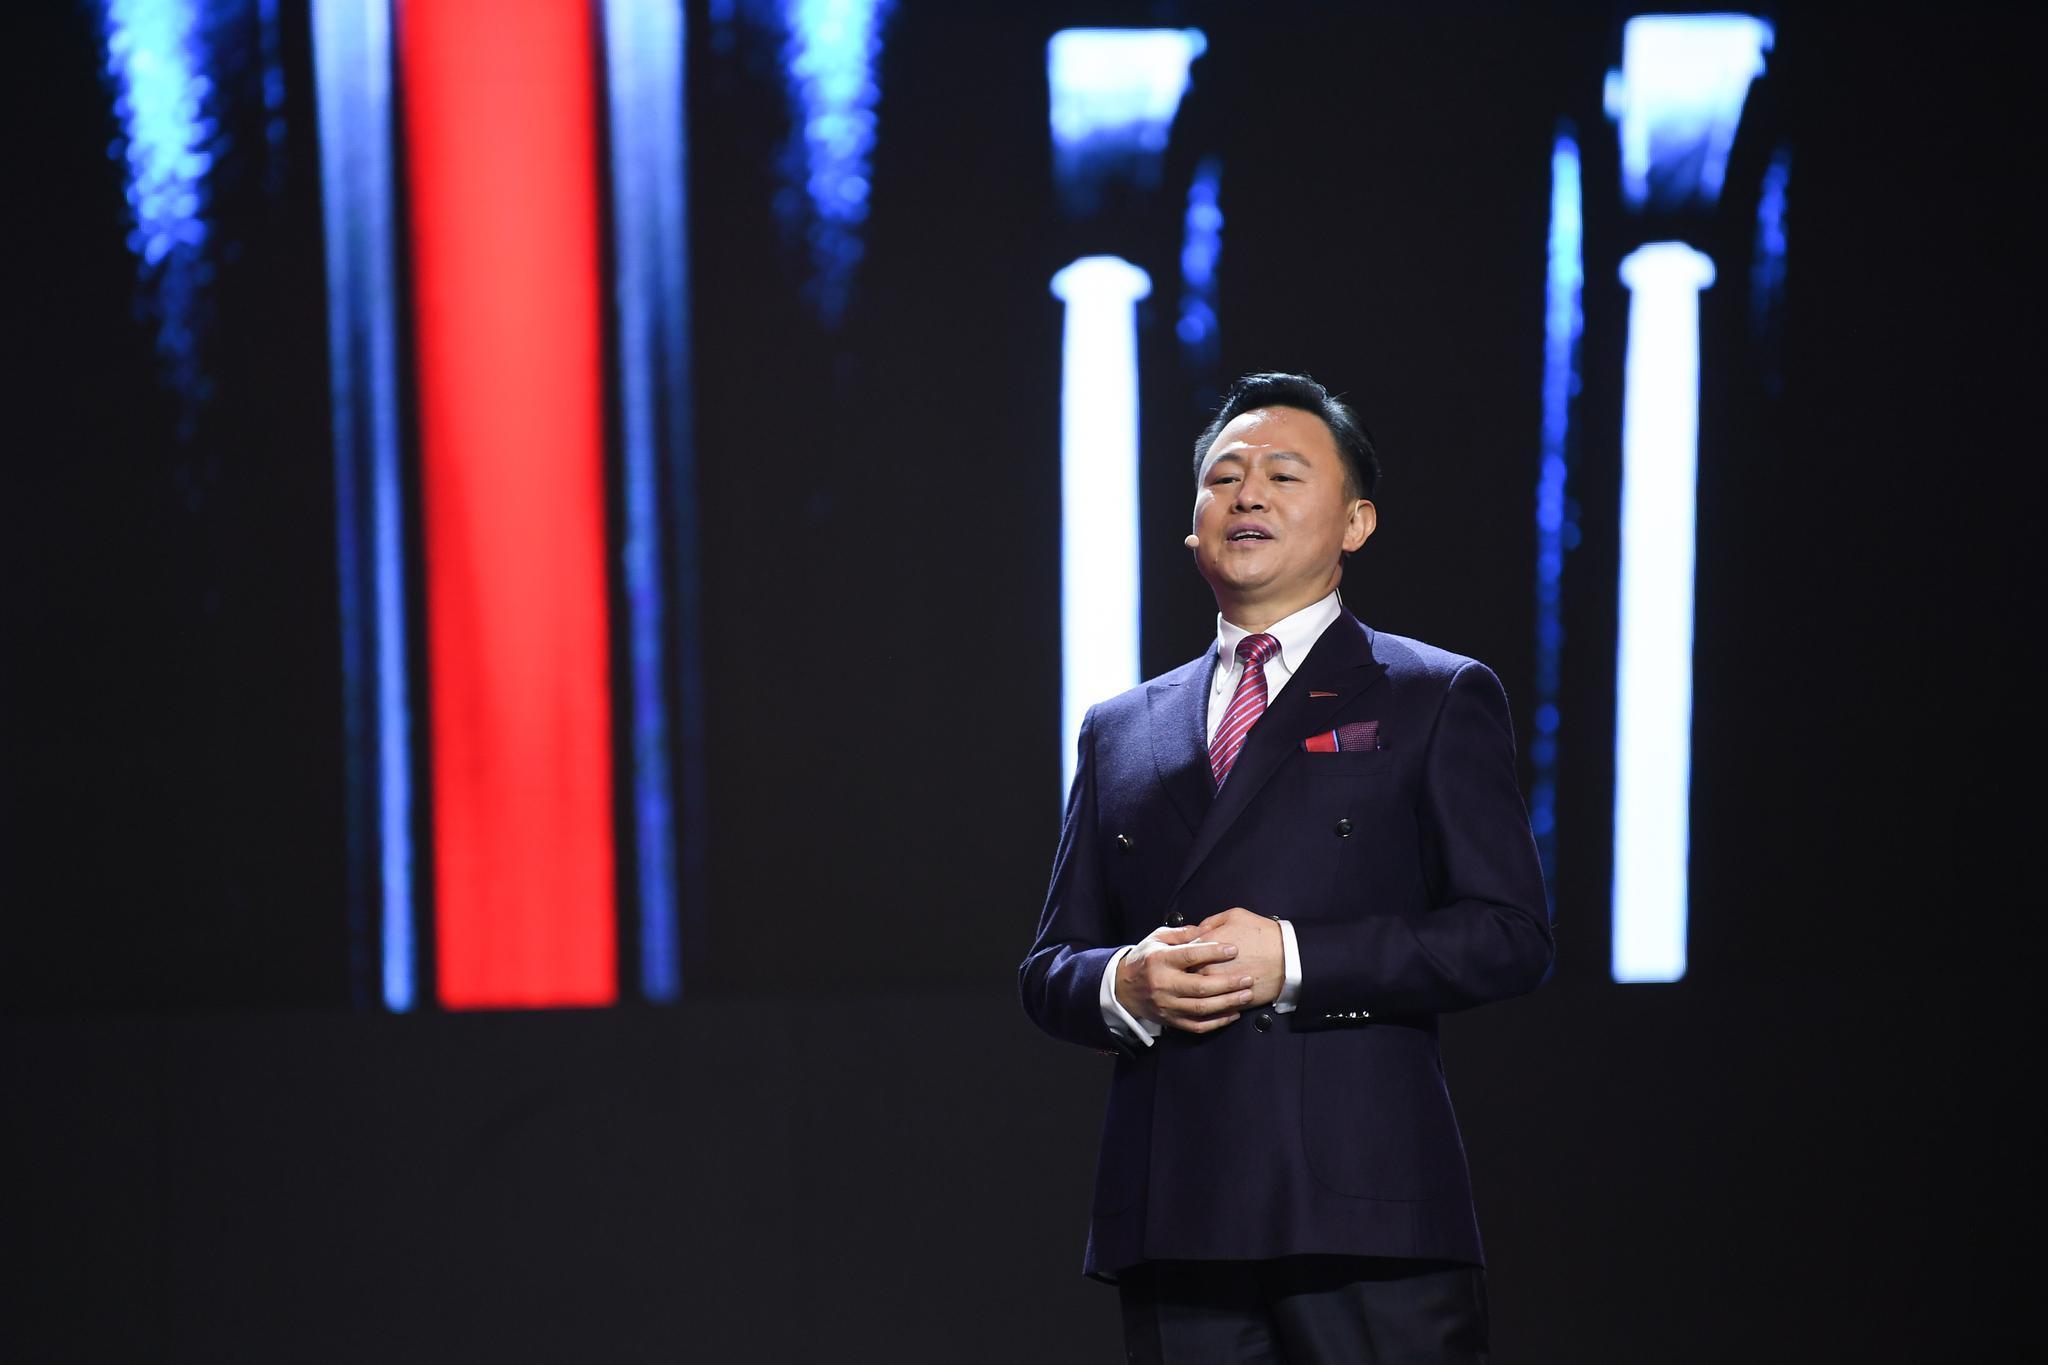 中国第一汽车集团有限公司董事长、党委书记——徐留平